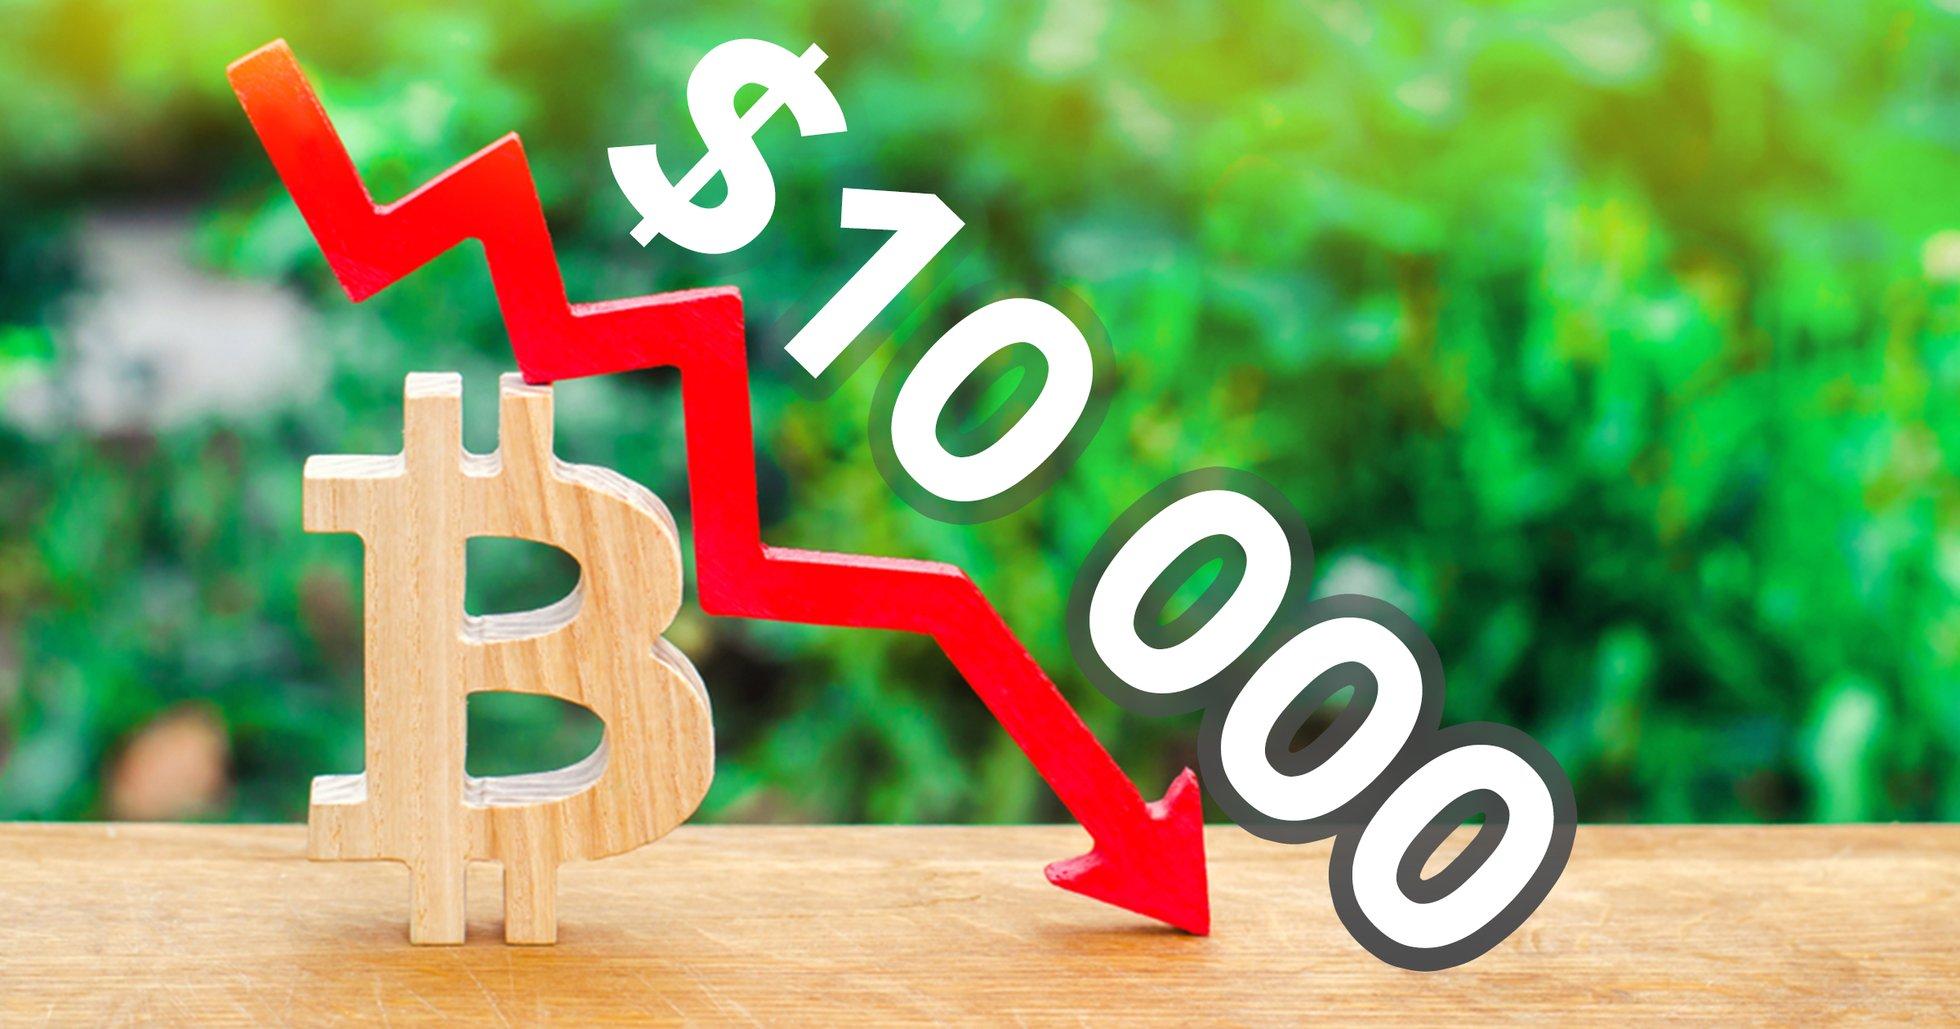 Bitcoin sjunker under 10 000 dollar – har tappat över sex procent det senaste dygnet